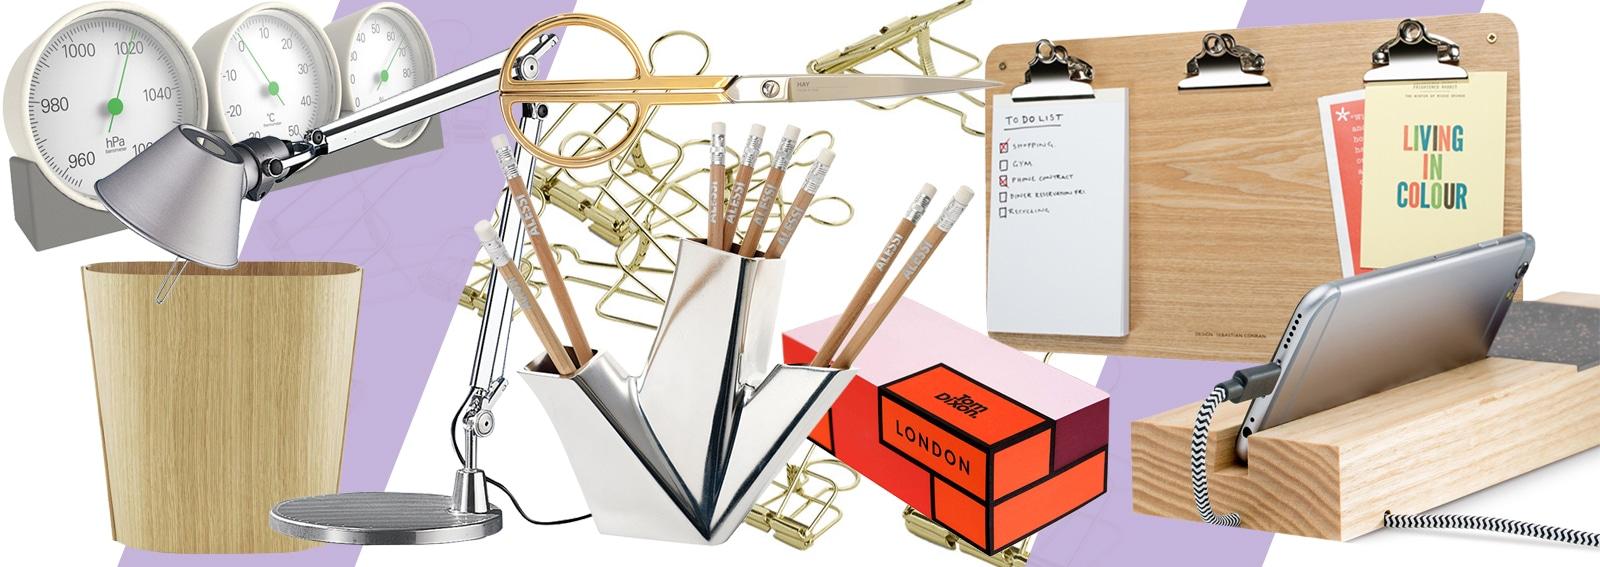 cover-stationery-design-desktop